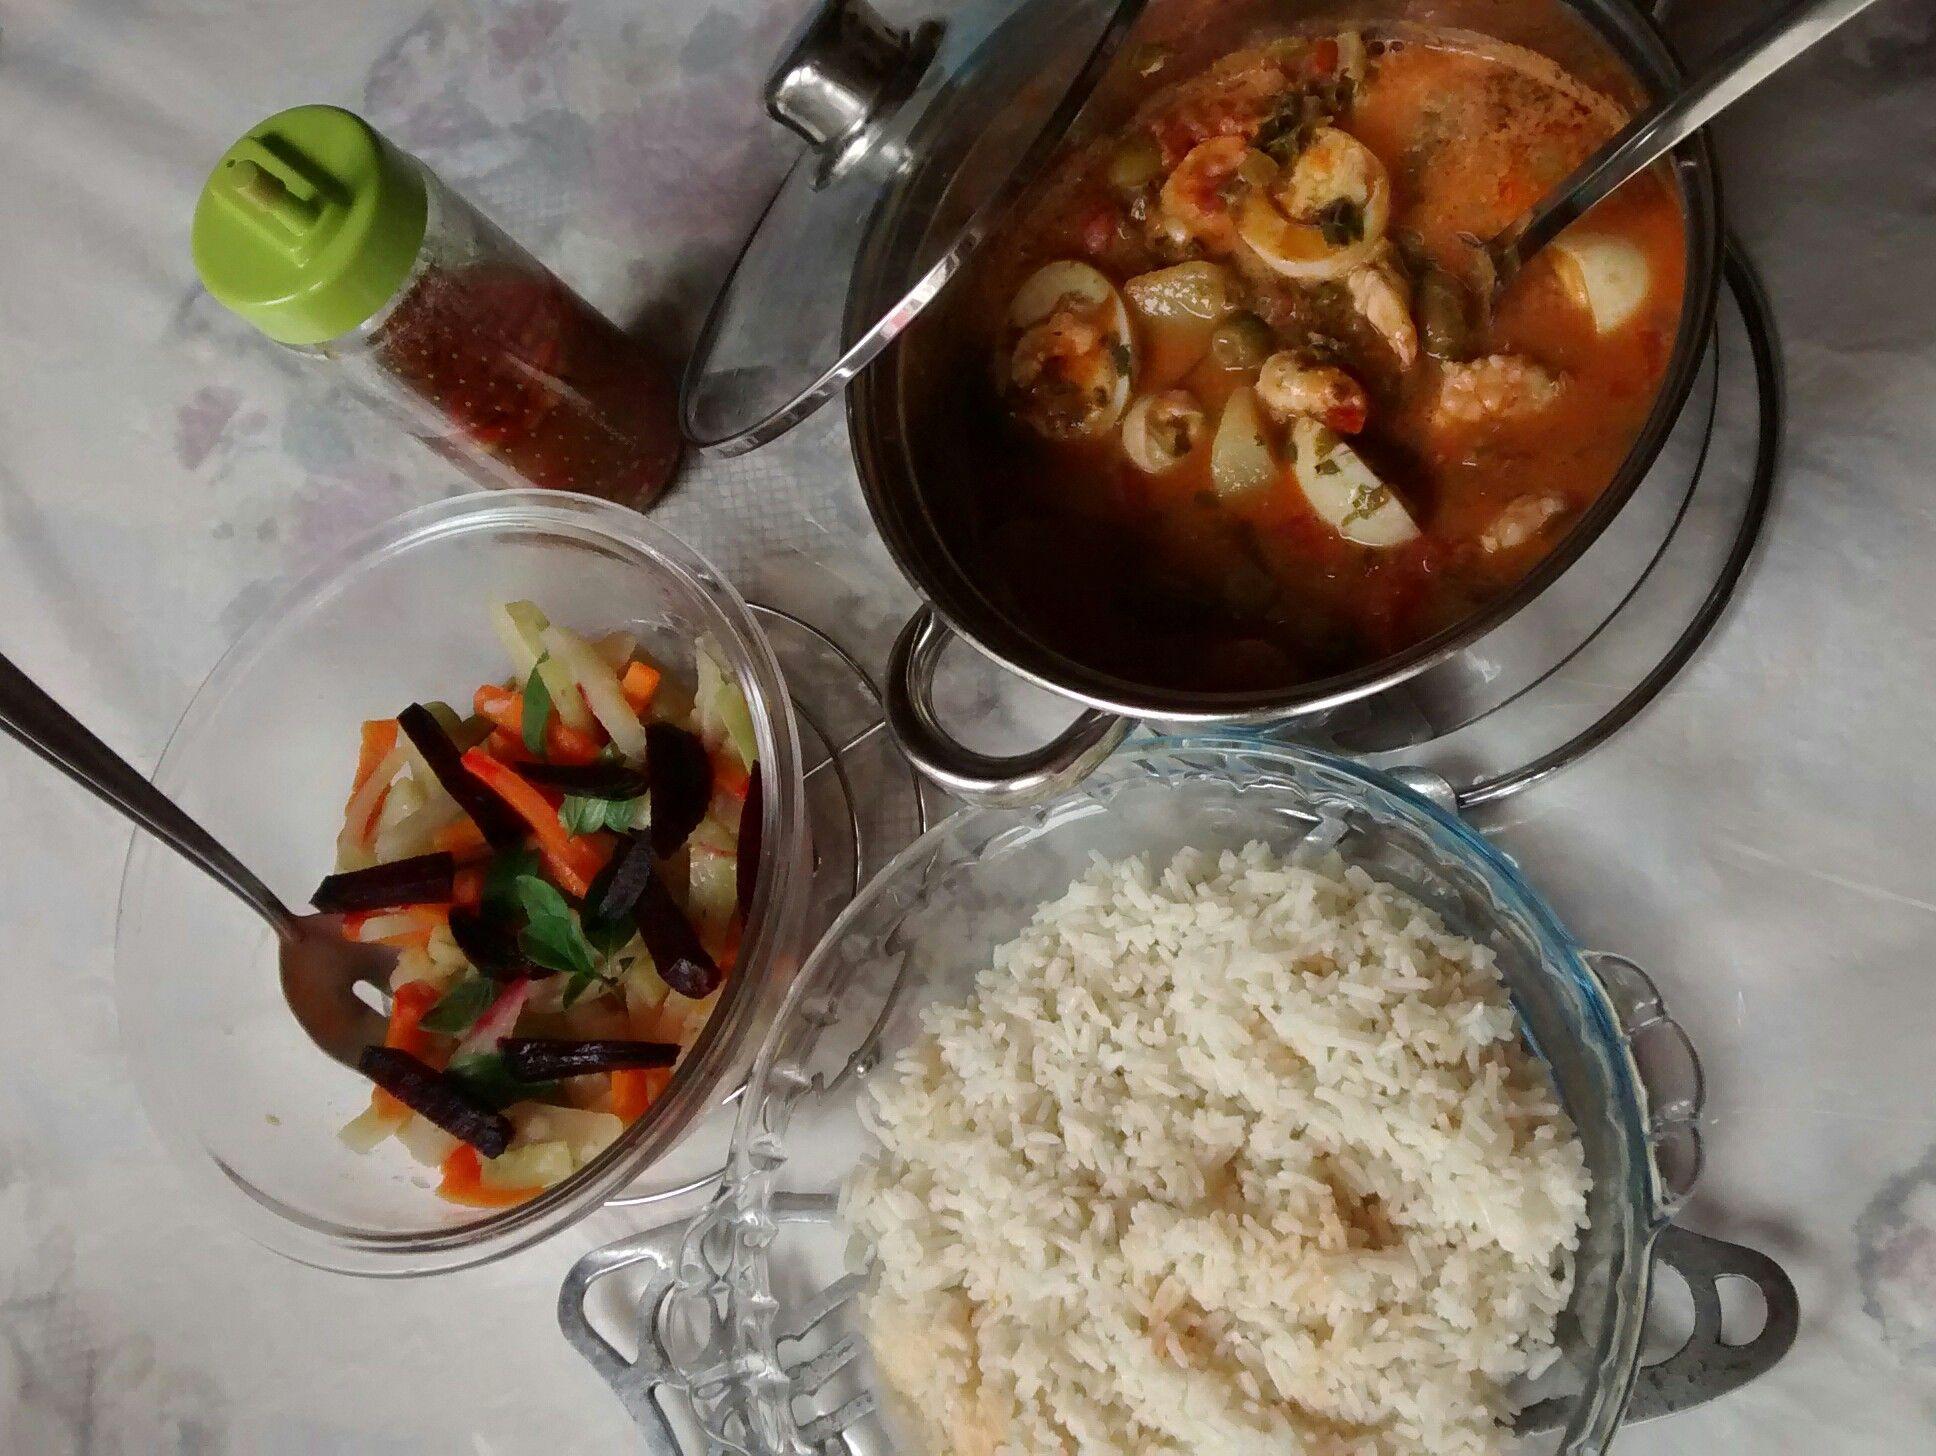 Camaroada maranhense com arroz branco e salada de legumes à juliene.